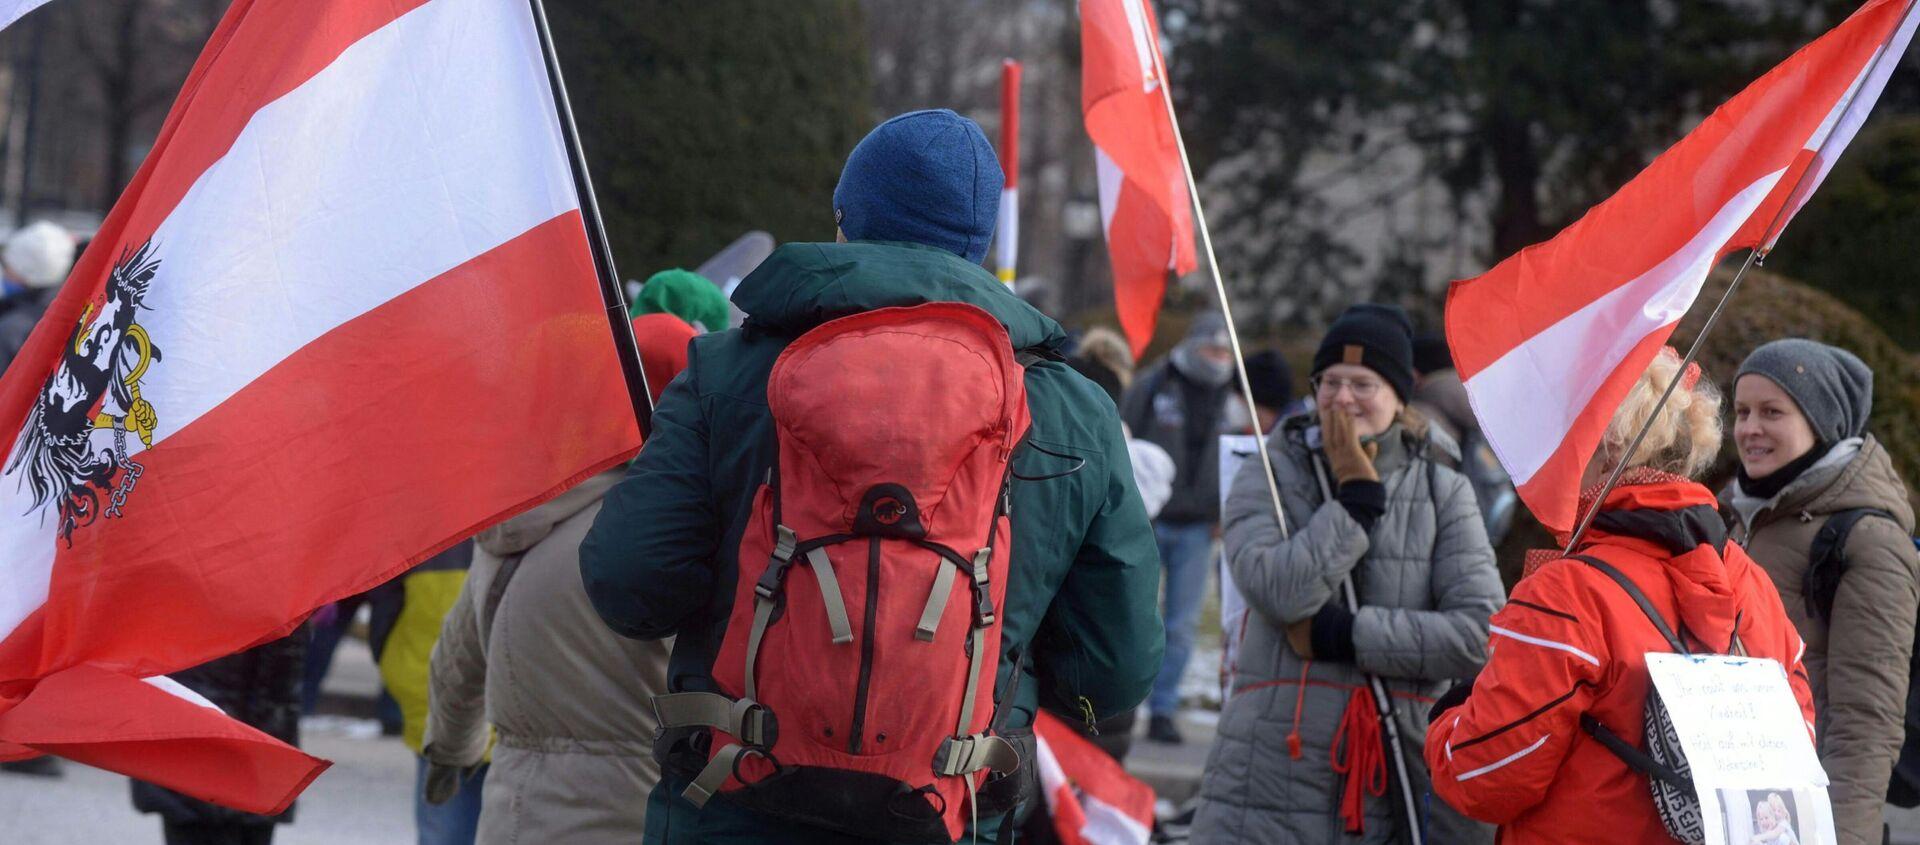 Dimostranti in Austria nelle proteste contro le restrizioni per il Covid-19 - Sputnik Italia, 1920, 07.03.2021